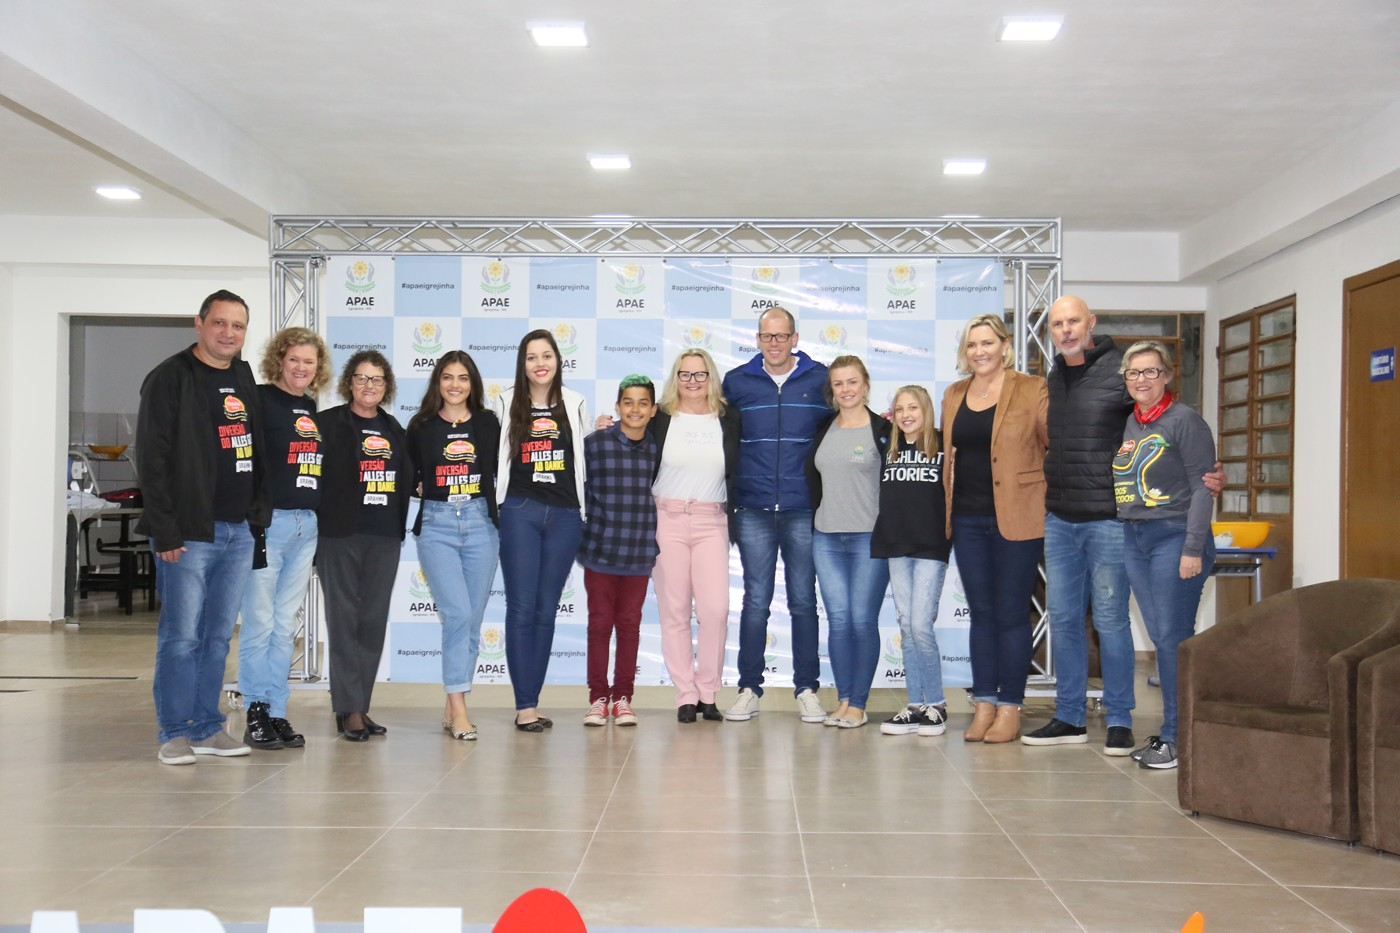 APAE de Igrejinha inaugura novas instalações com valores repassados pela Oktoberfest